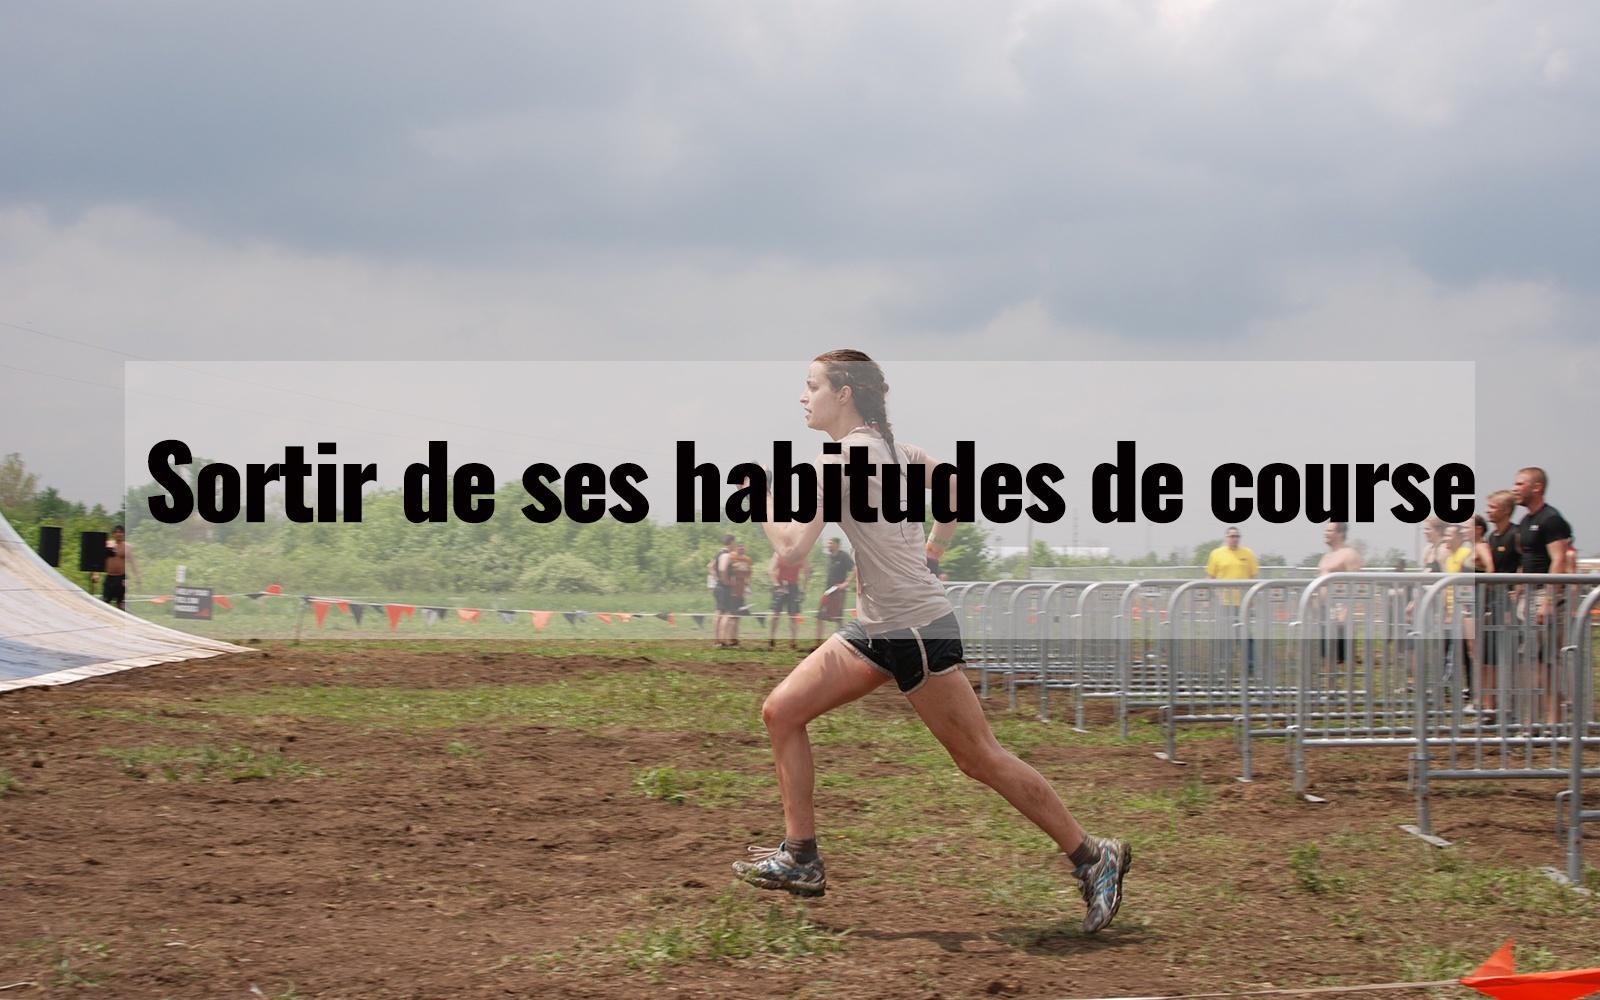 Sortir de ses habitudes de course